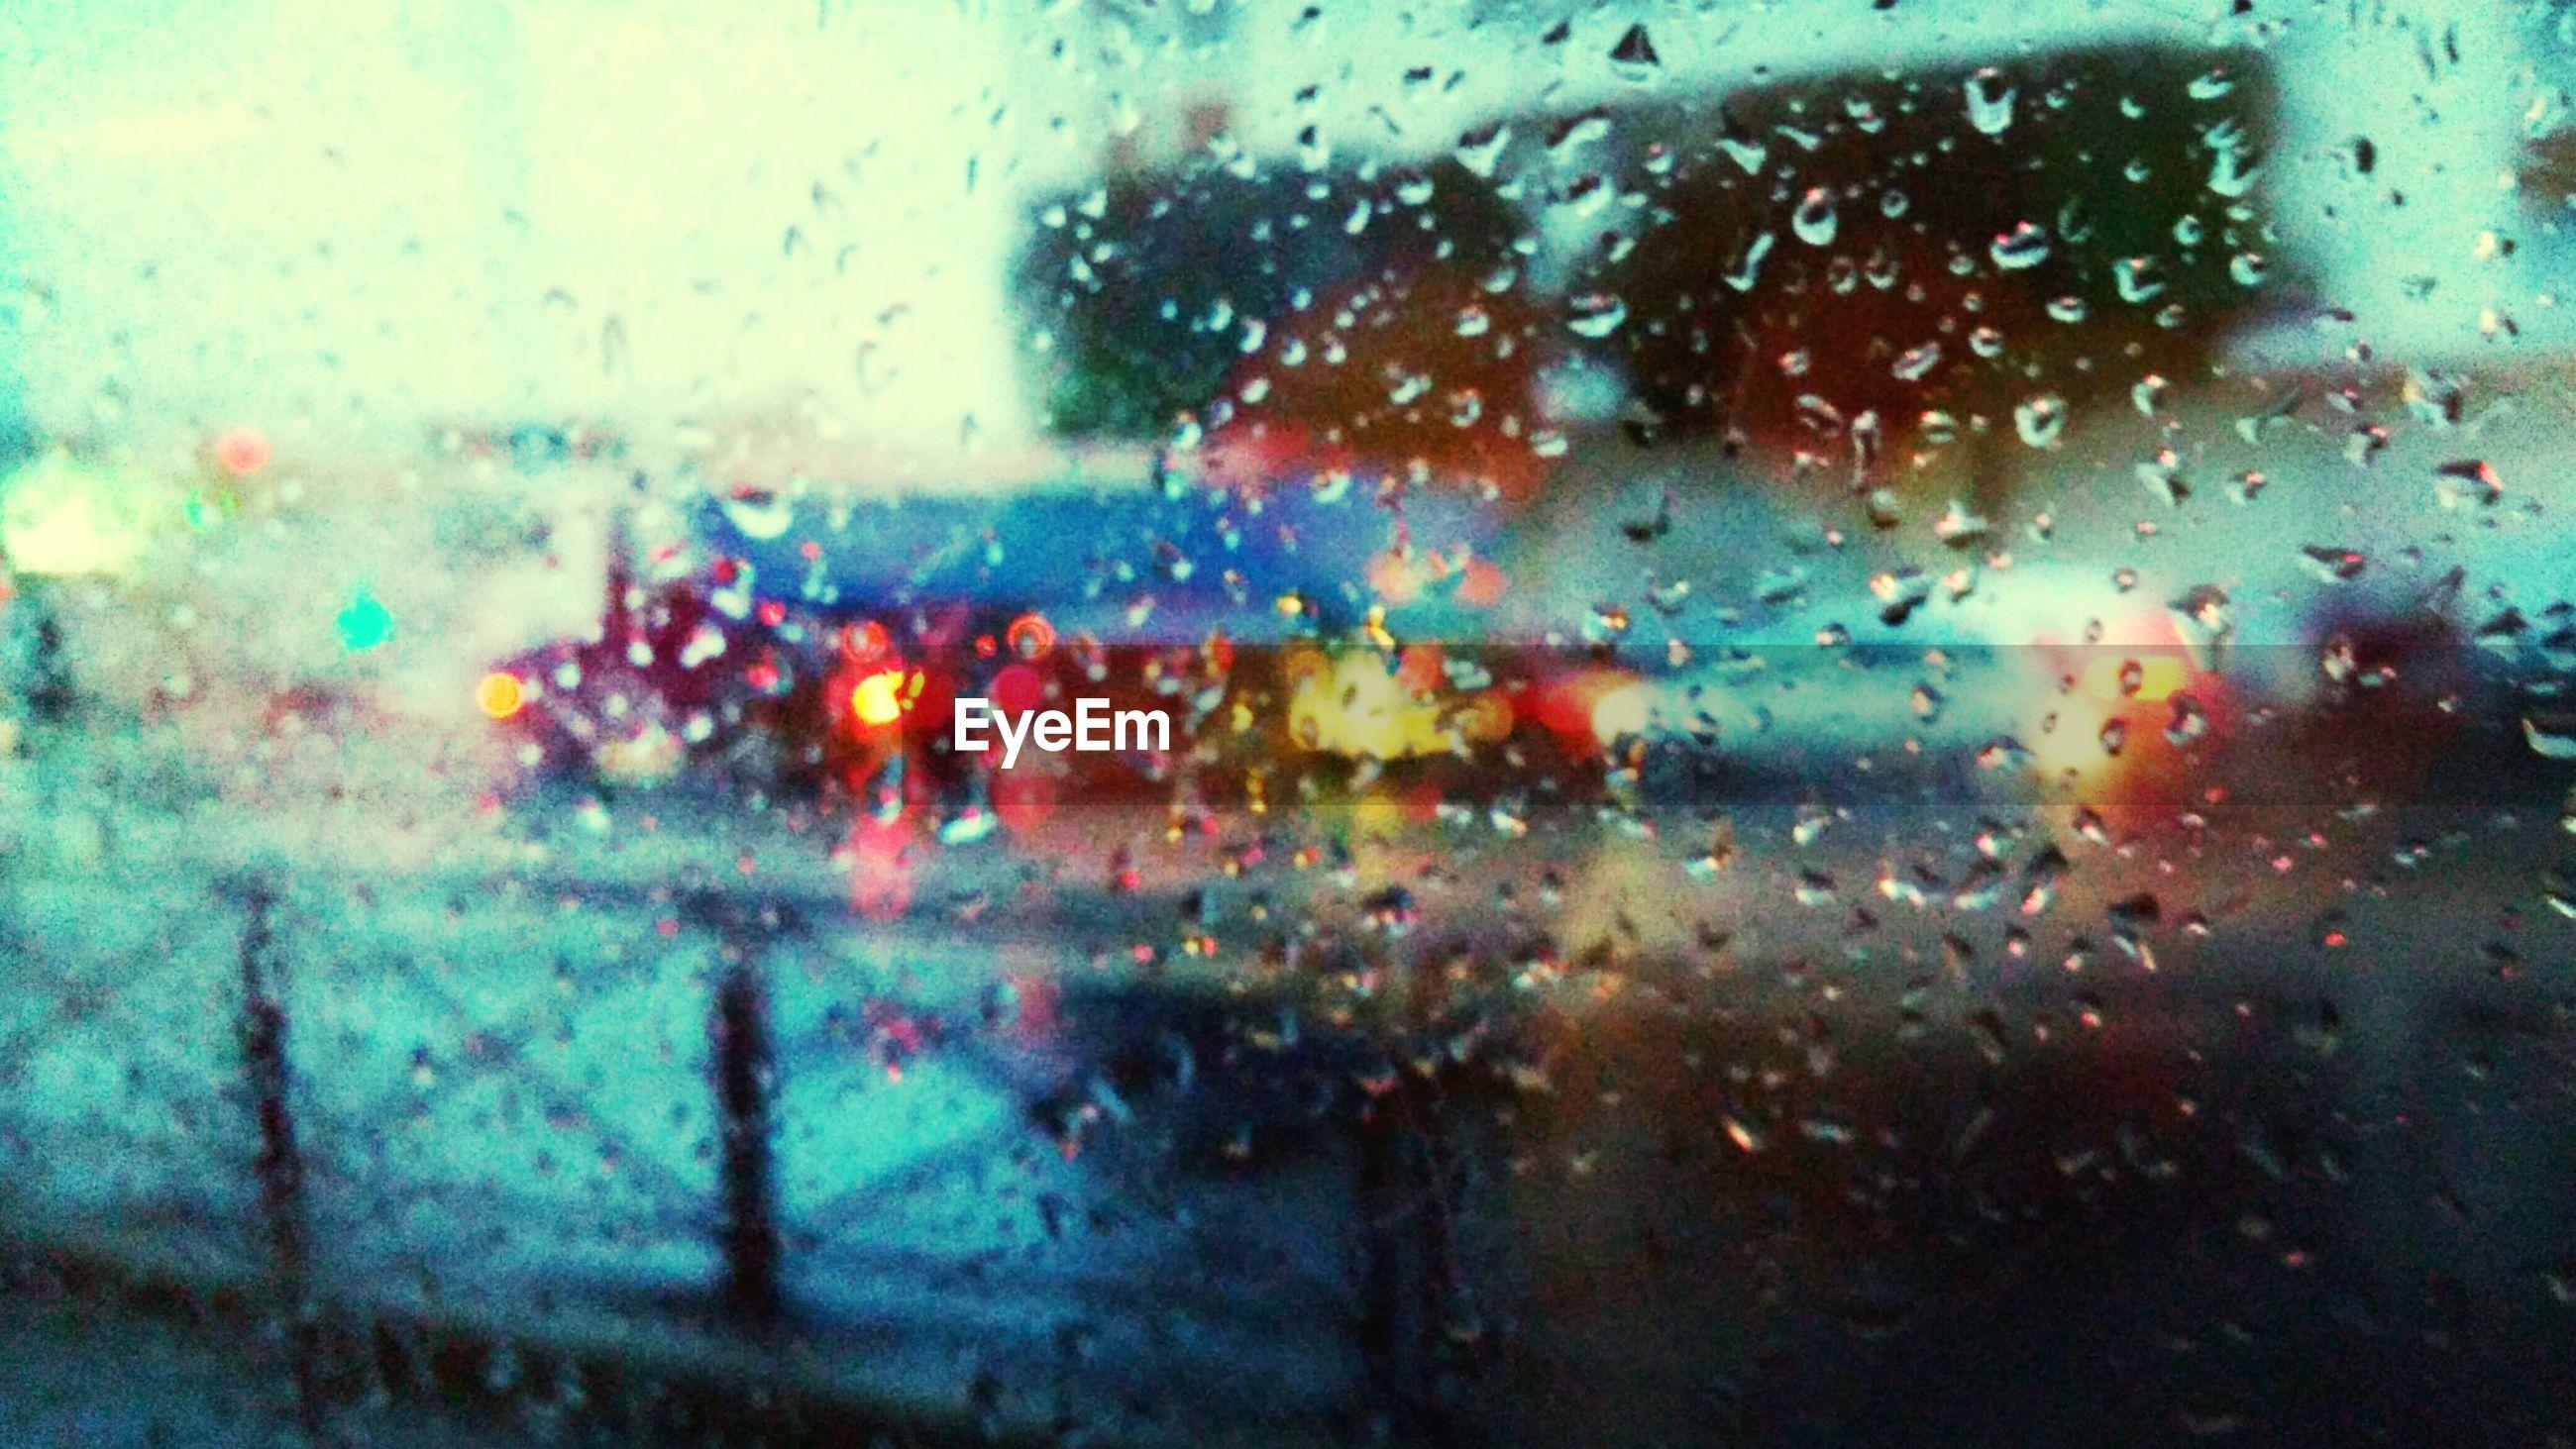 Full frame shot of wet glass against illuminated street